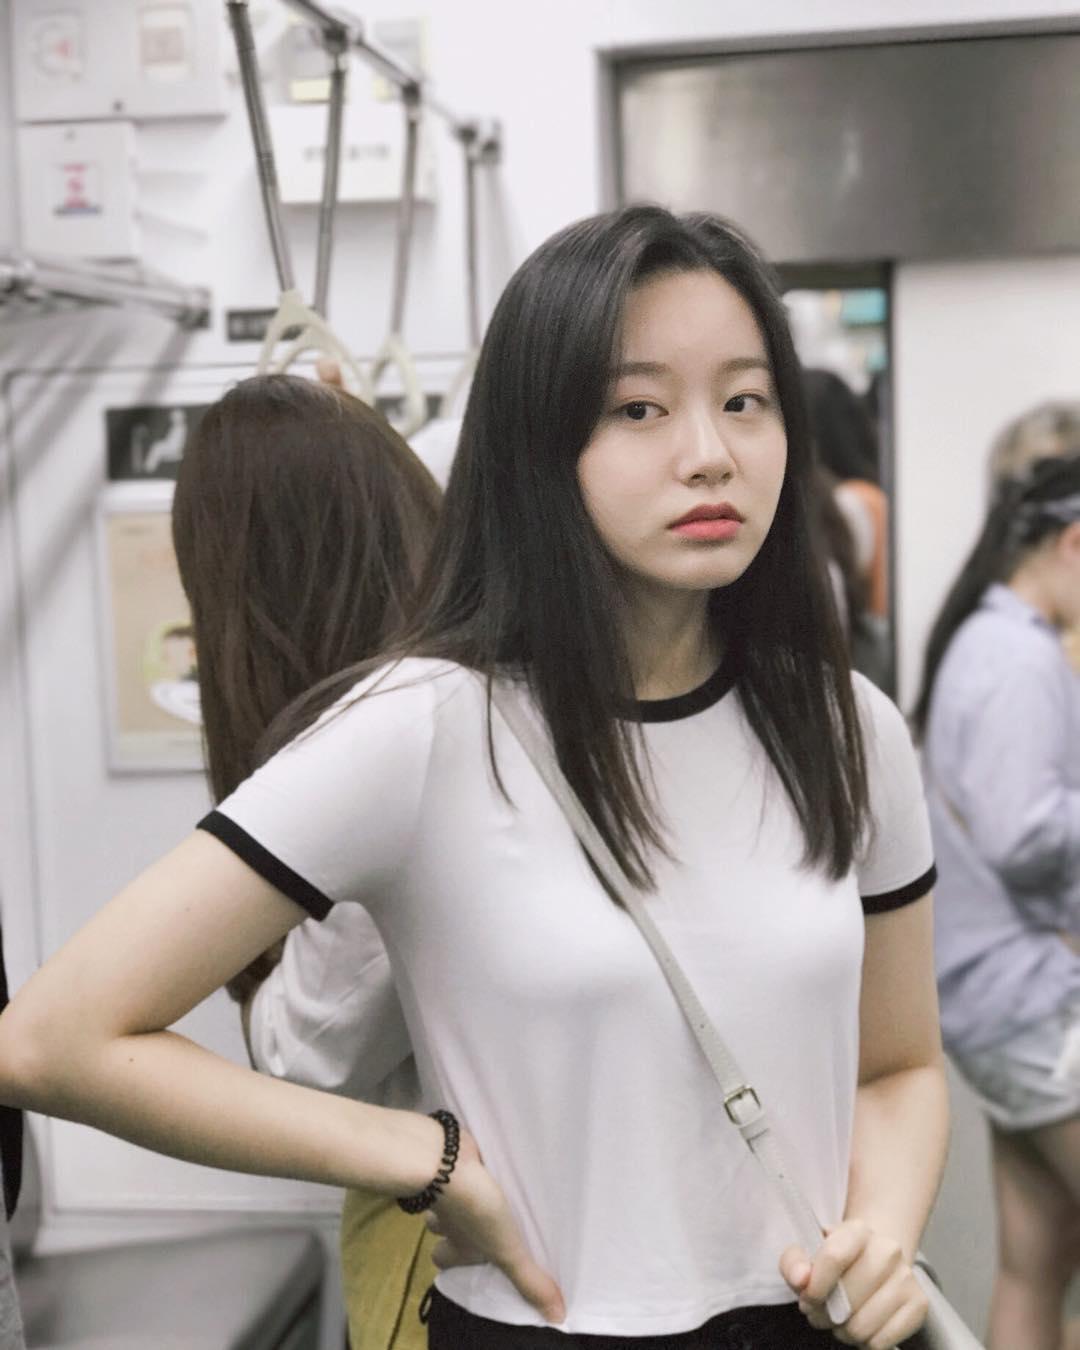 话题韩剧《天空之城》新生代女演员大盘点,原来她们私下这么漂亮插图4